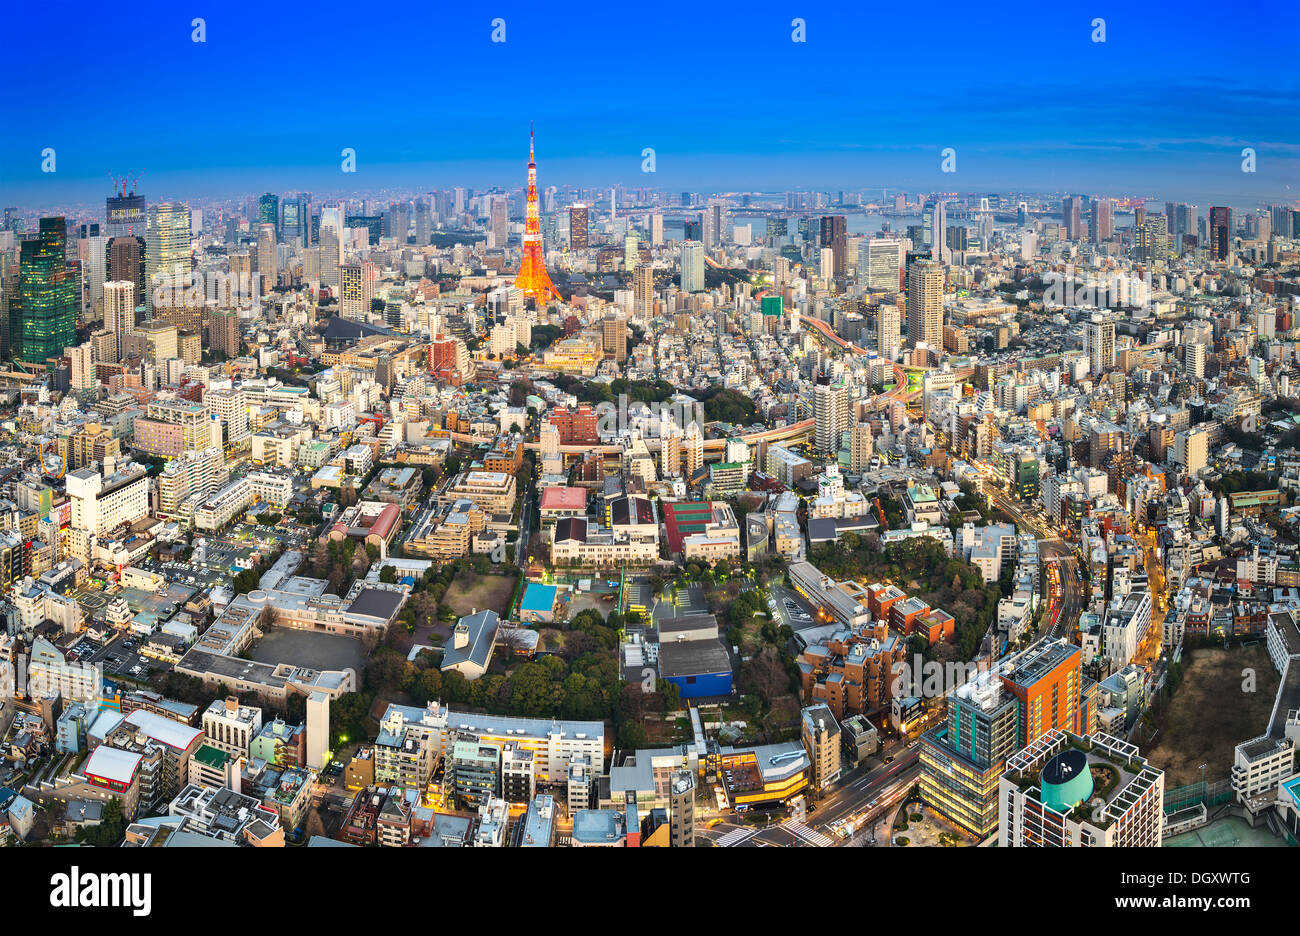 La Torre de Tokio en Tokio, Japón. Imagen De Stock